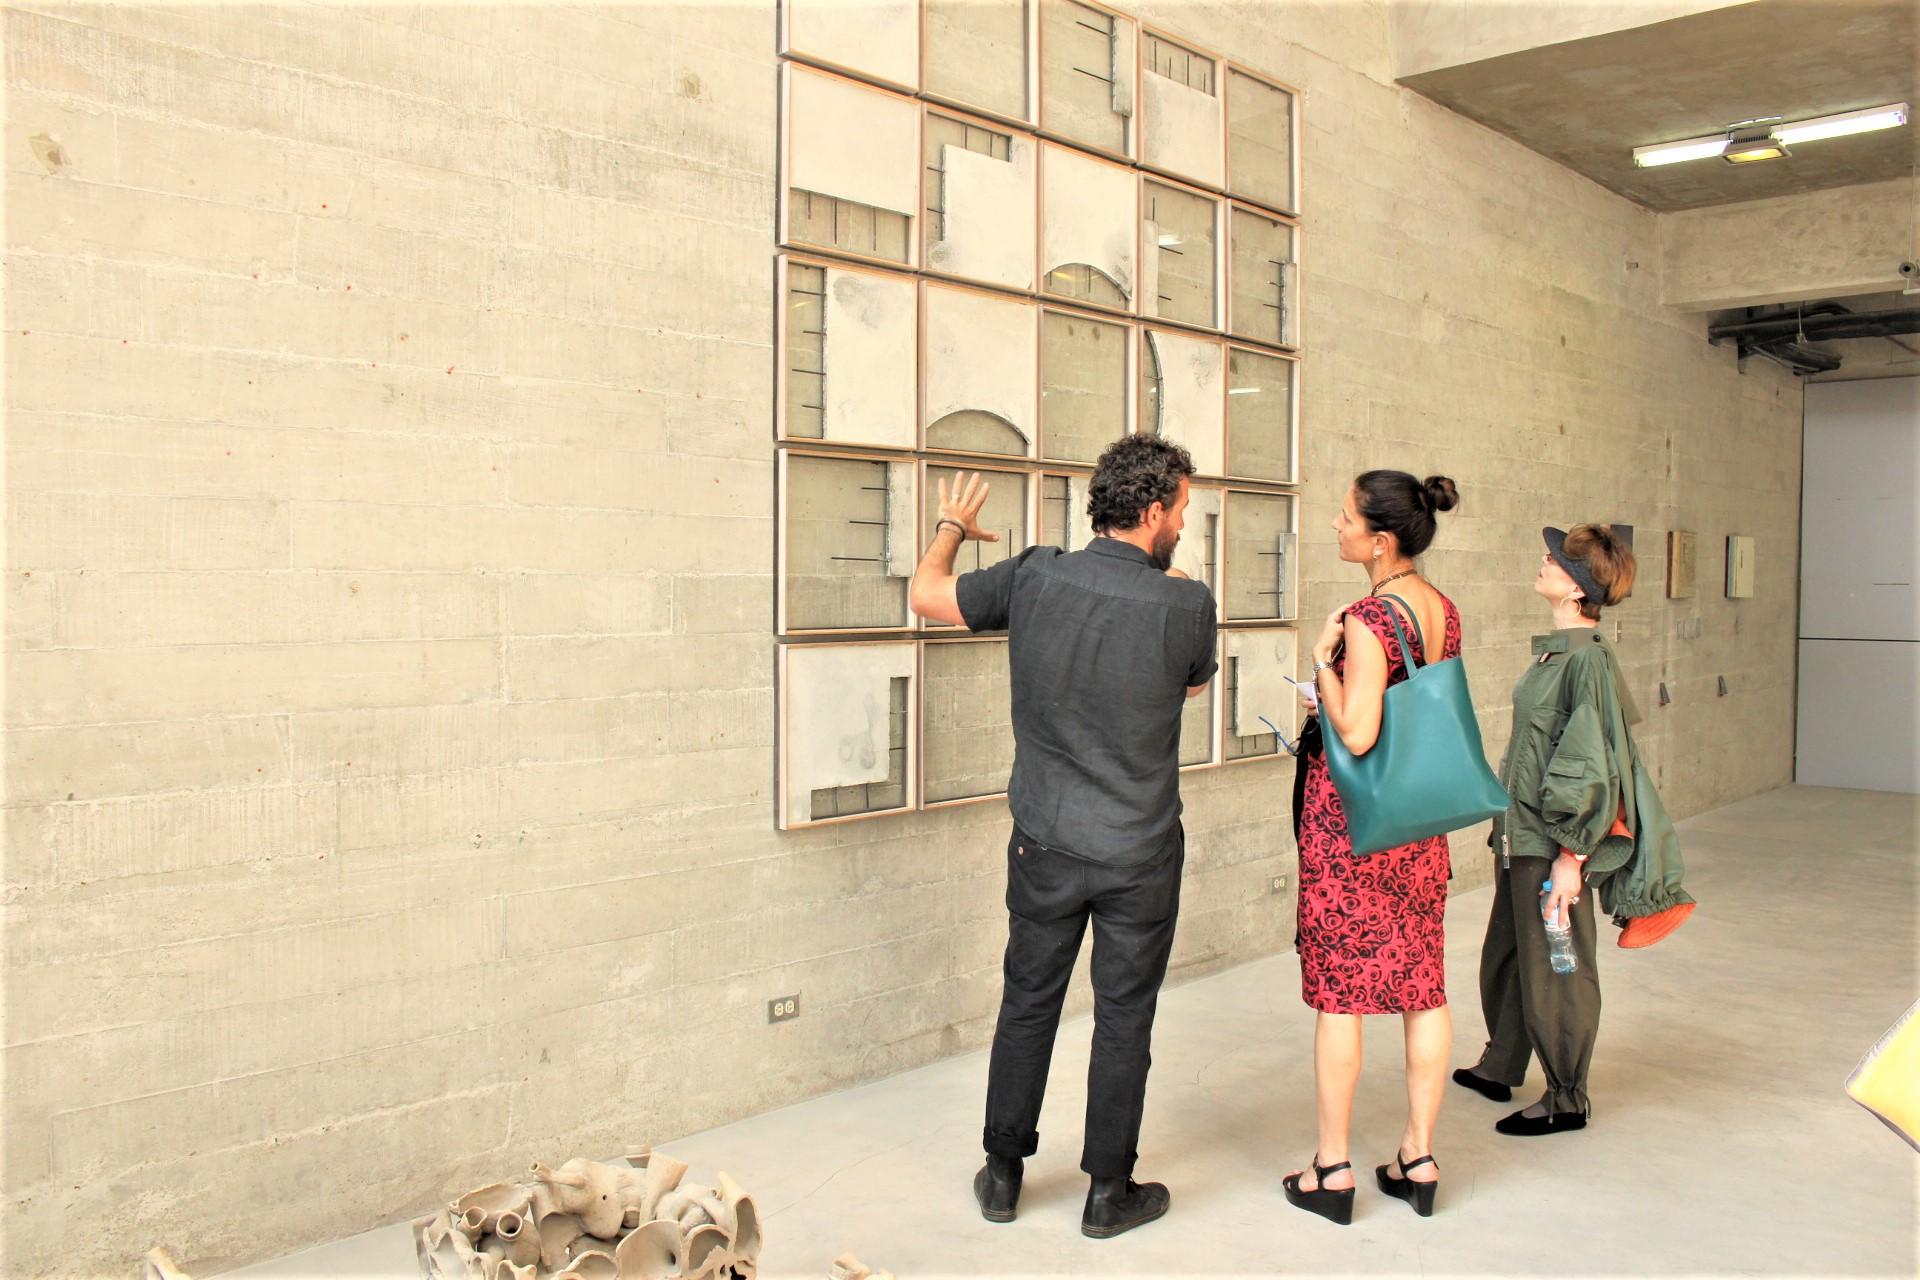 art aracari gallery